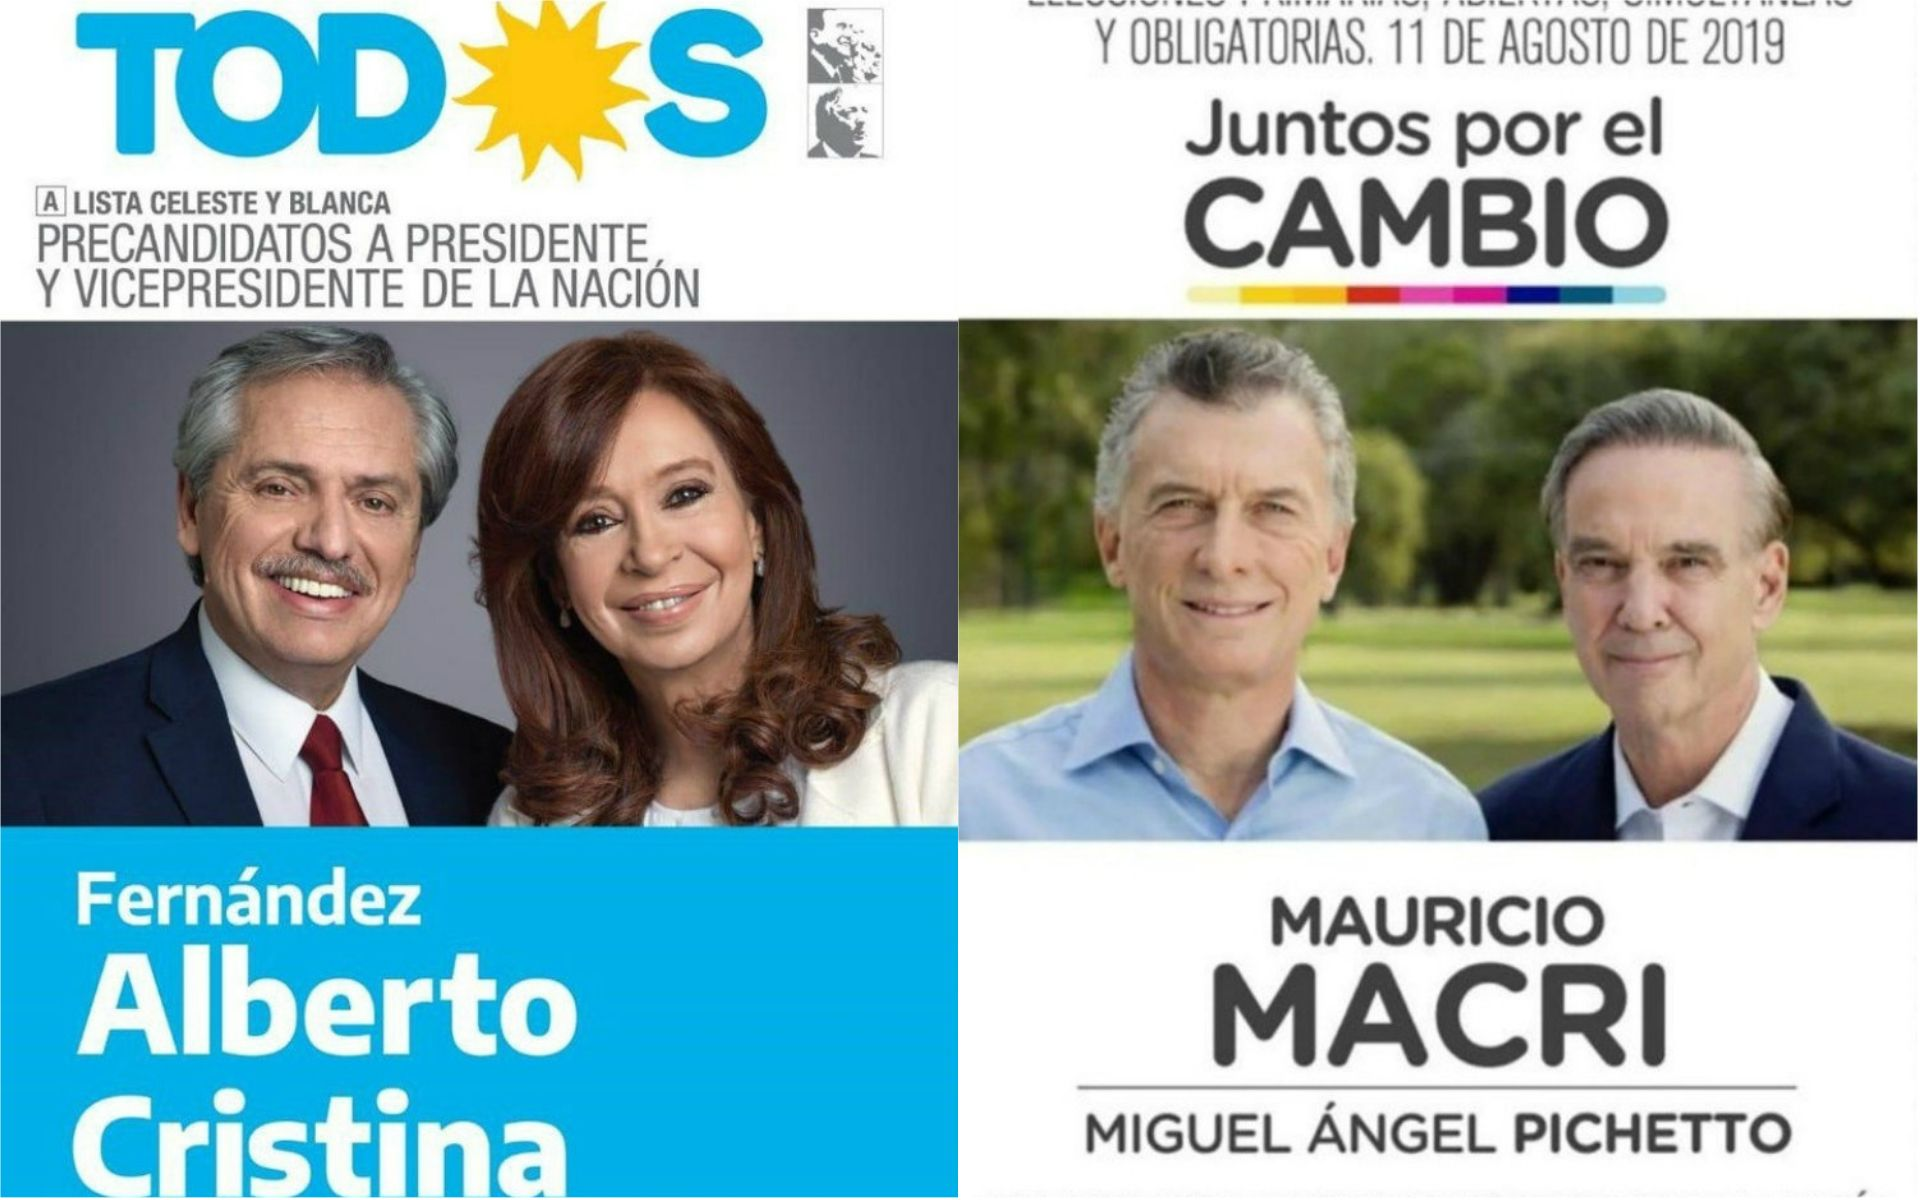 Boletas partidarias: por qué Mauricio es Macri y Fernández es Cristina